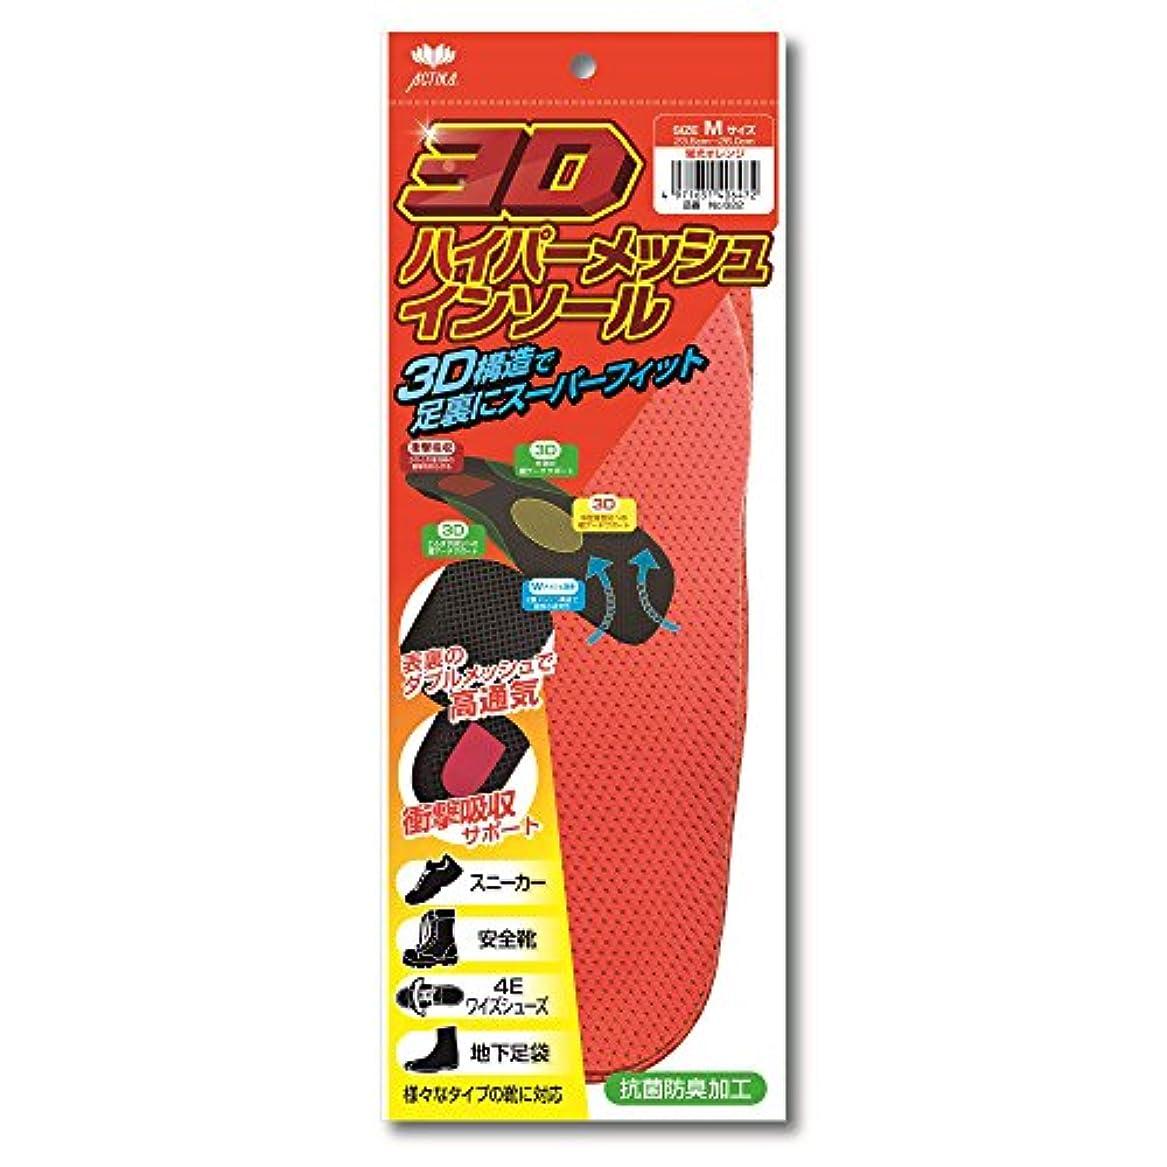 底セクタ運営アクティカ 3Dハイパーメッシュインソール オレンジ 男性用 No.622 M(23.5~26.0cm)